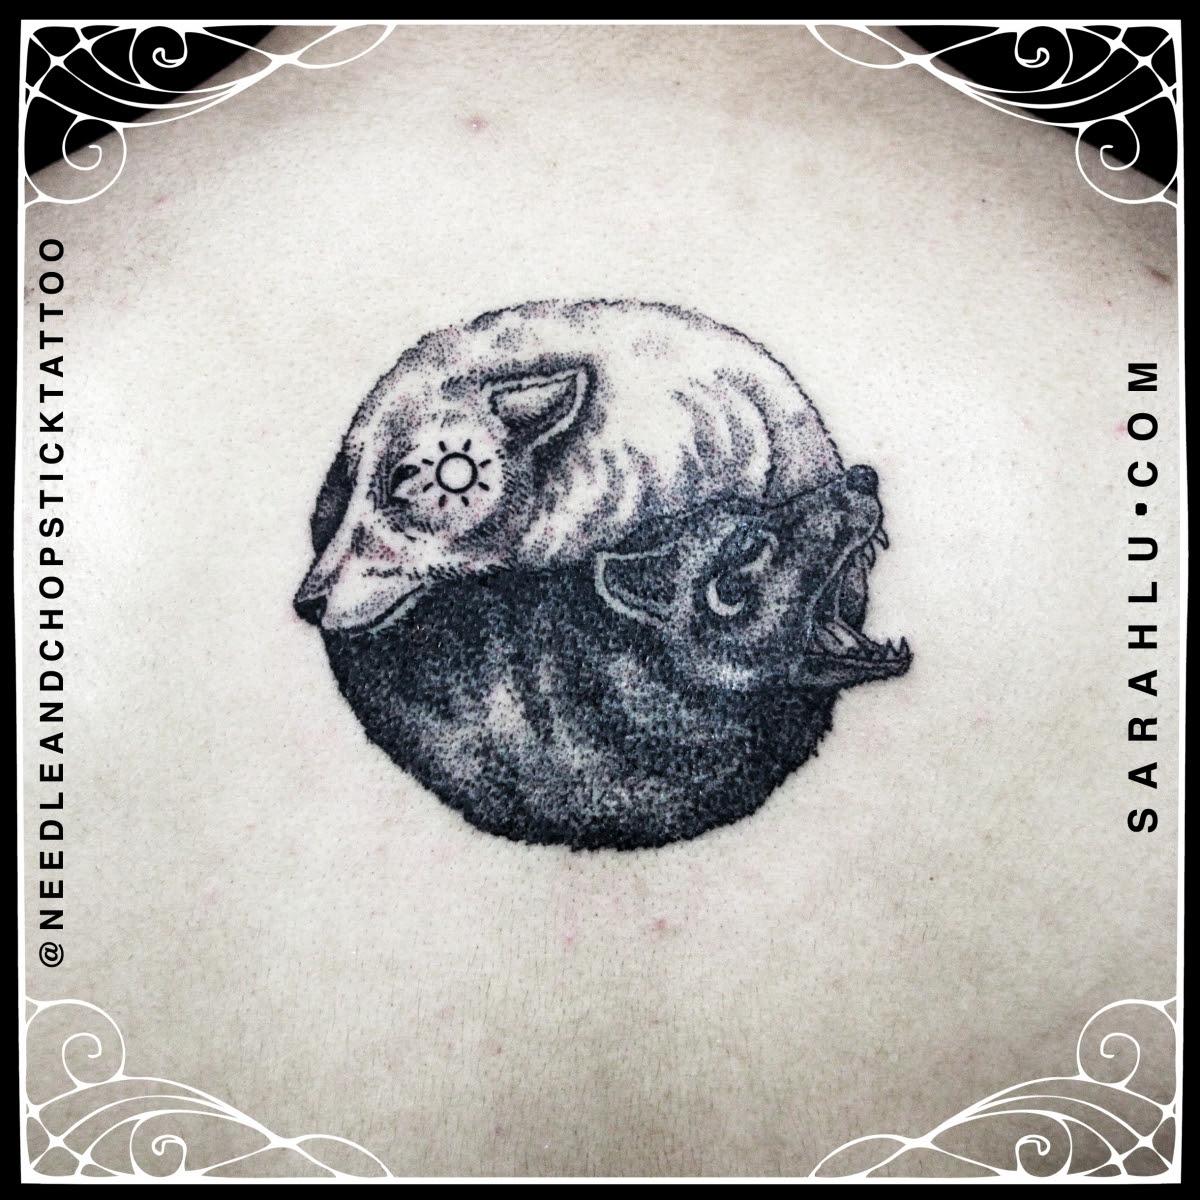 Tattoowork I Am S A R A H L U